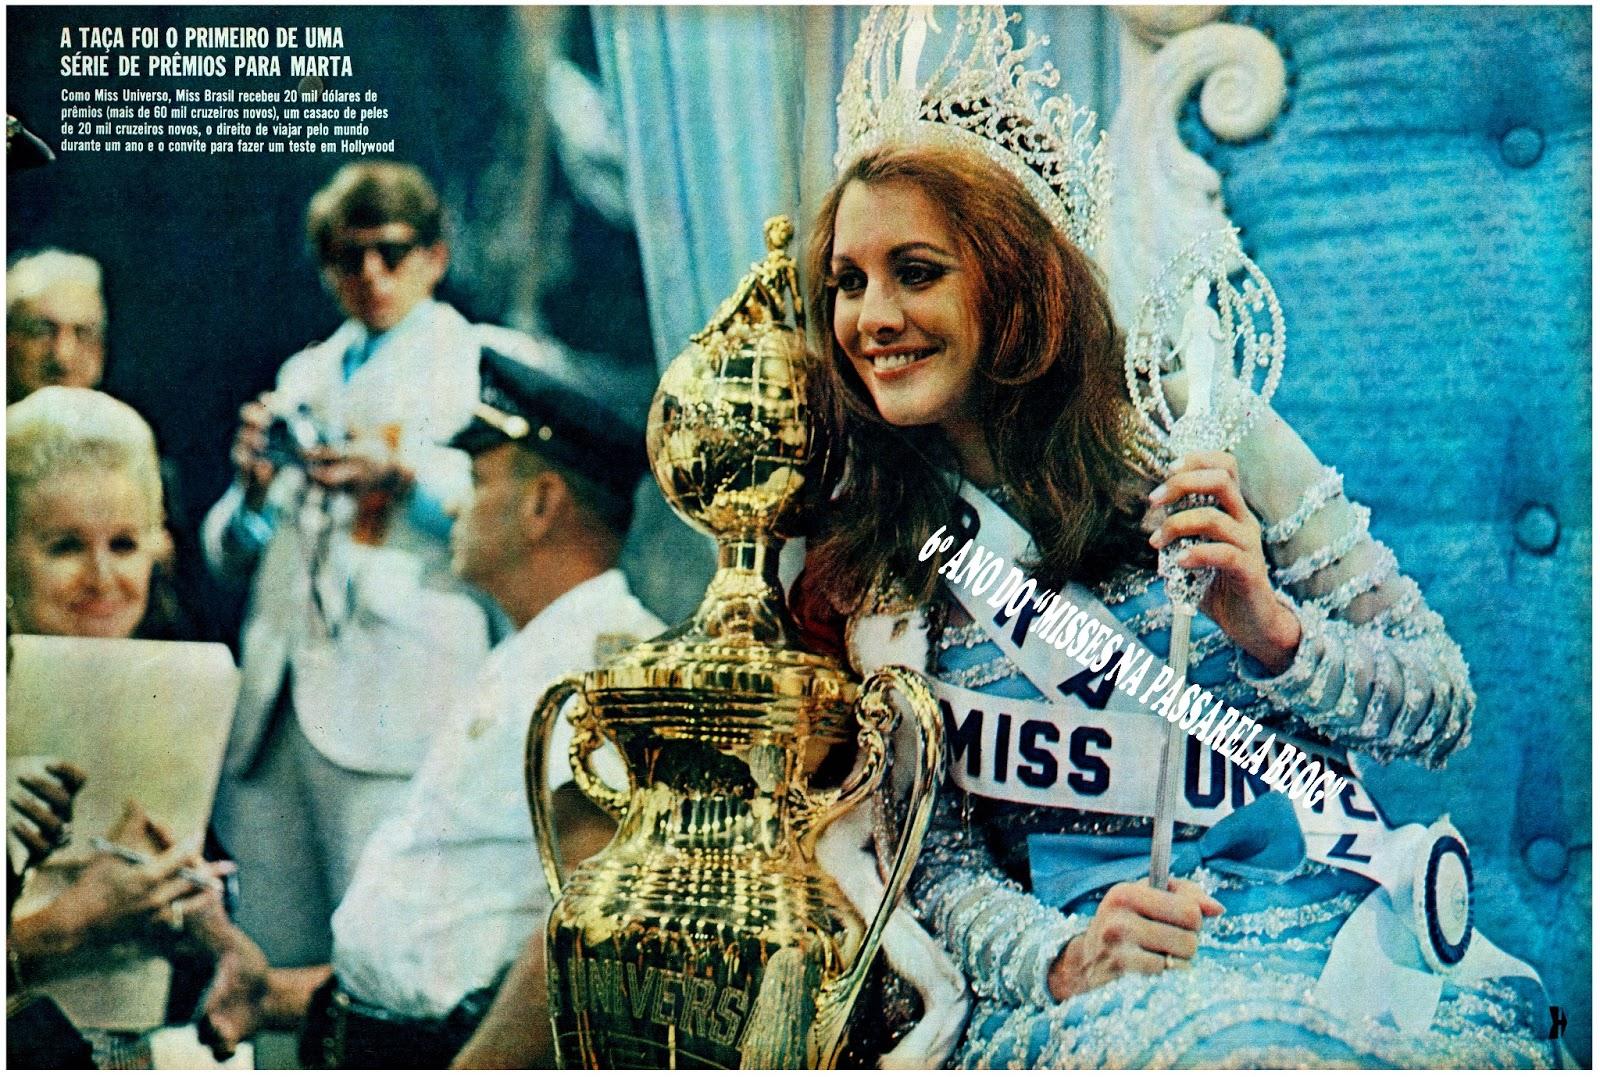 ☽ ✮ ✯ ✰ ☆ ☁ Galeria de Martha Vasconcelos, Miss Universe 1968.☽ ✮ ✯ ✰ ☆ ☁ Martha+no+trono+68